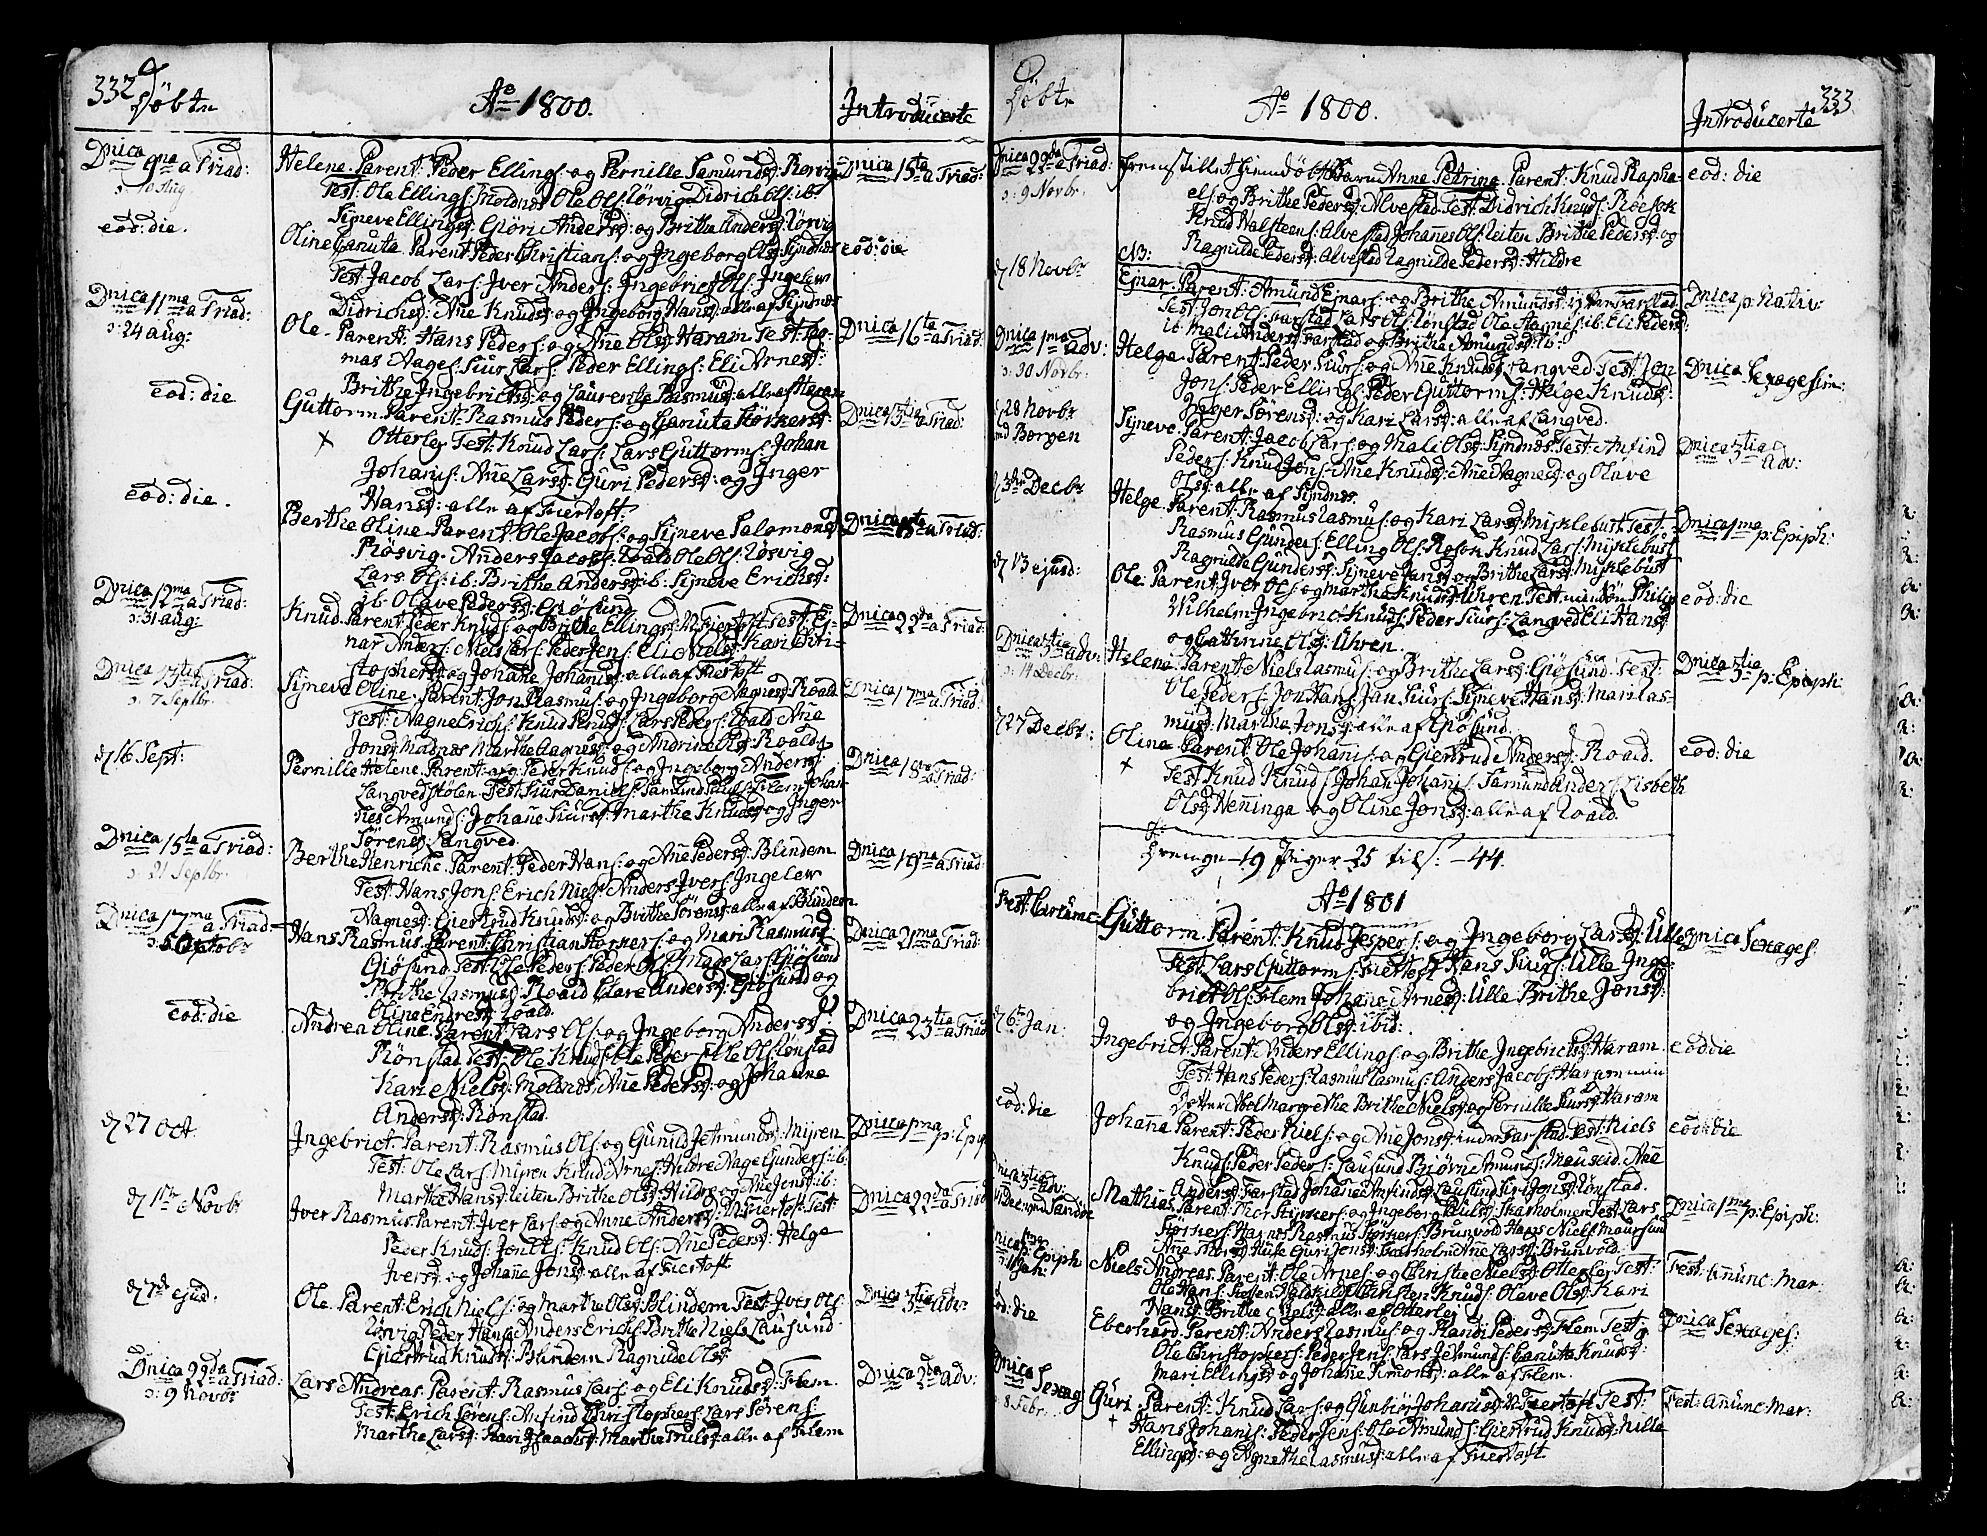 SAT, Ministerialprotokoller, klokkerbøker og fødselsregistre - Møre og Romsdal, 536/L0493: Ministerialbok nr. 536A02, 1739-1802, s. 332-333